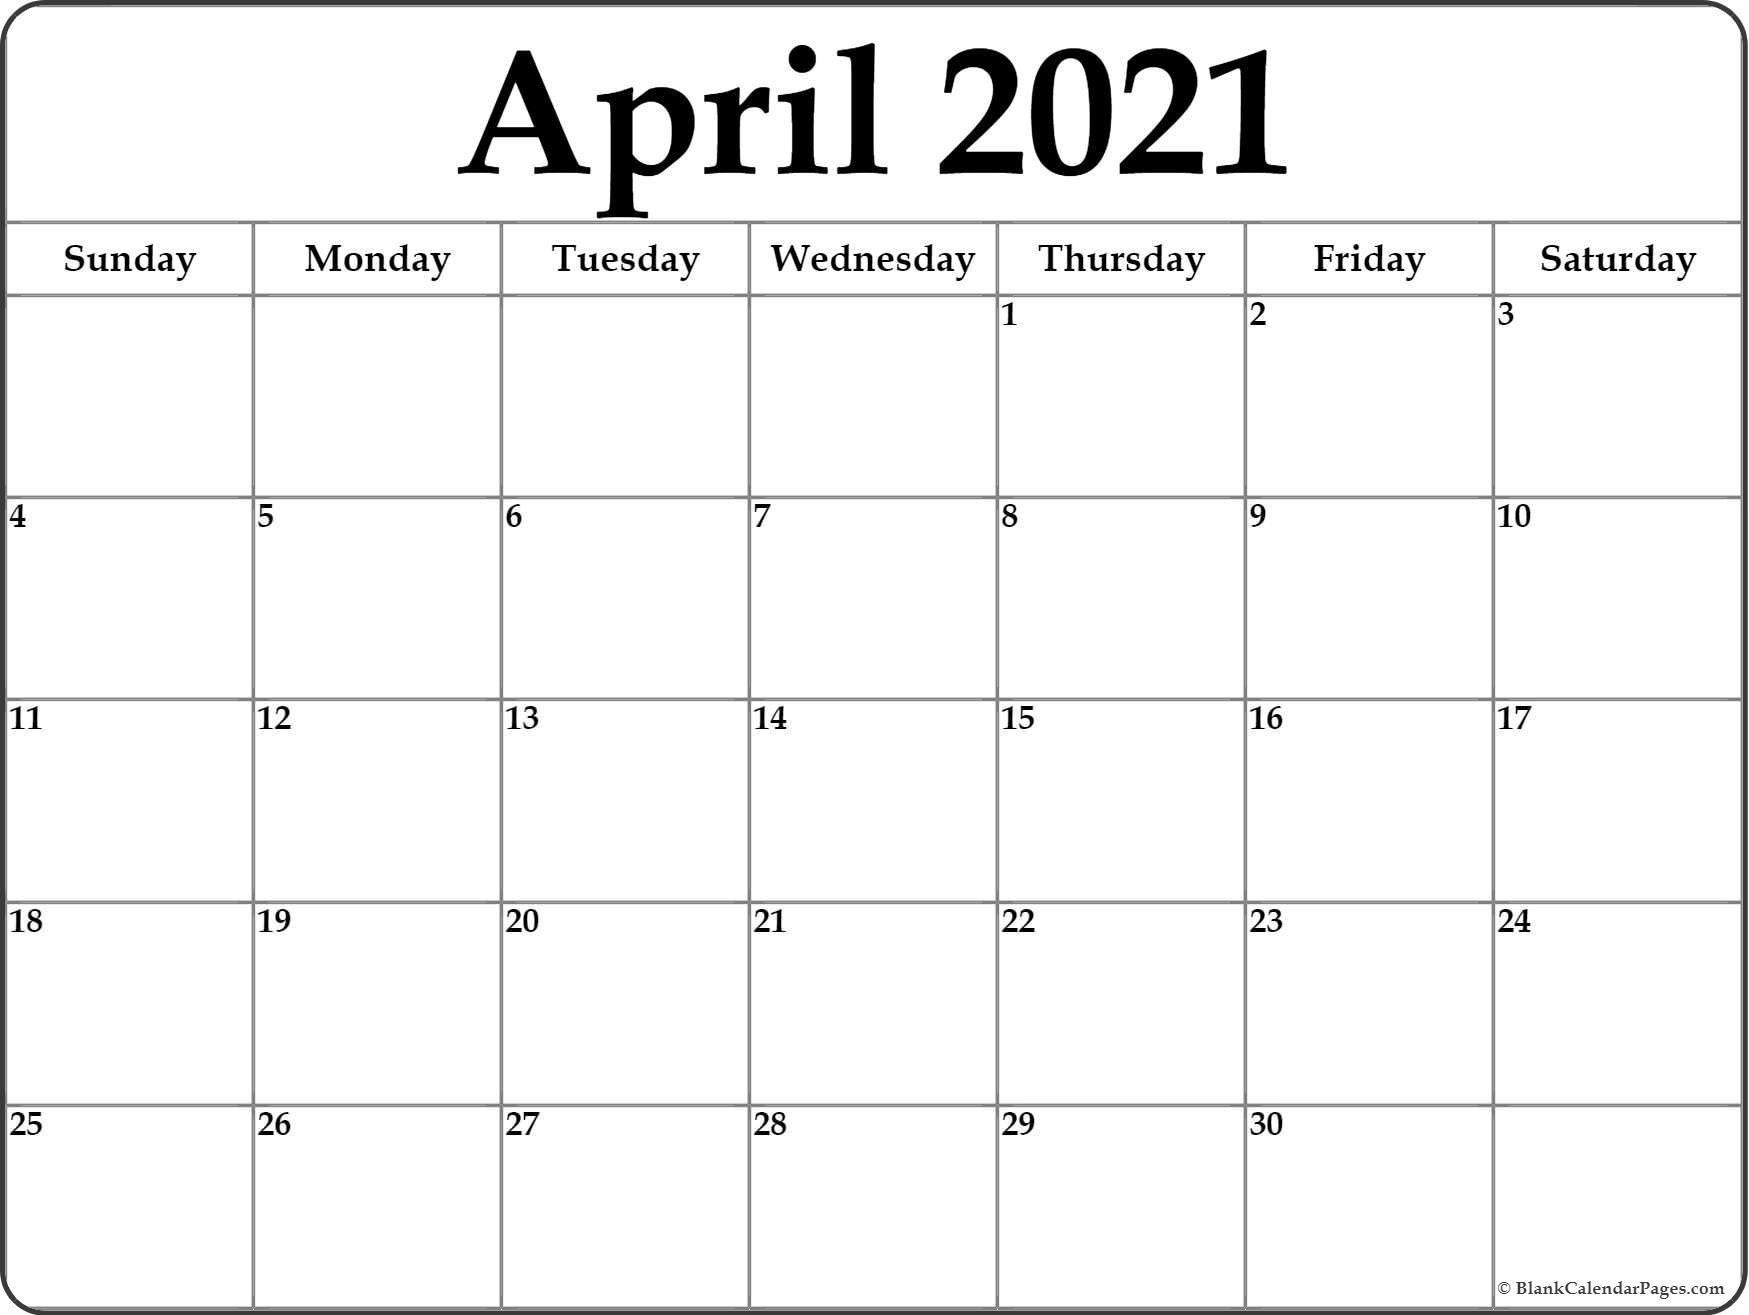 Get April May Calendar 2021